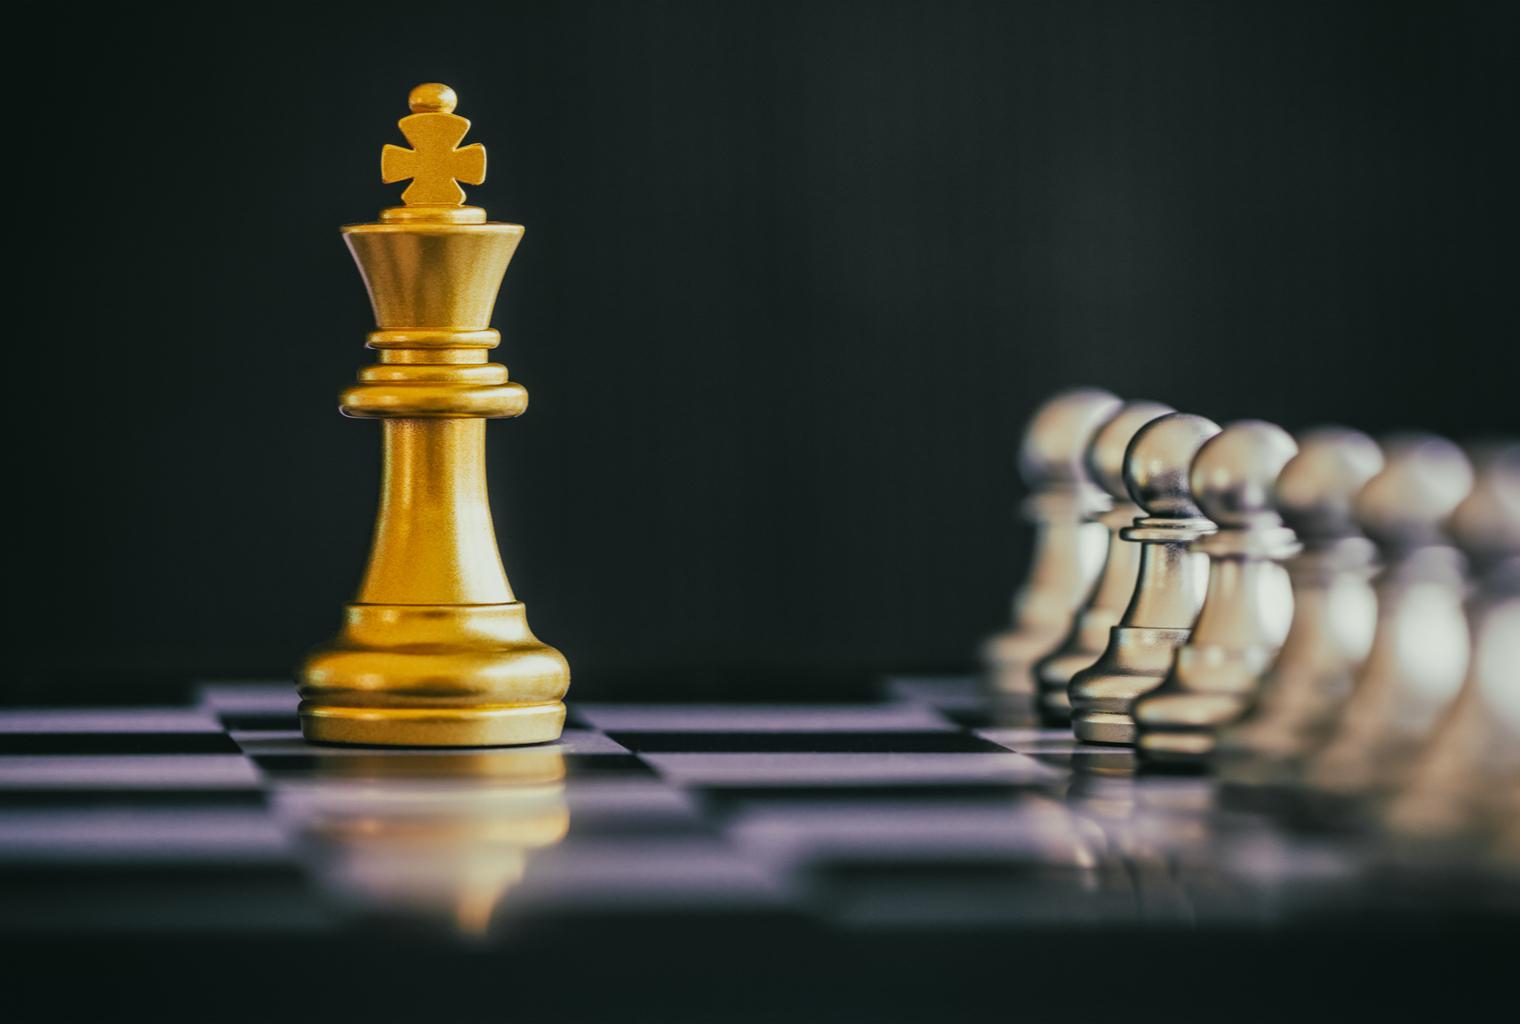 Para las ofertas de intercambio inicial, la liquidez es el rey